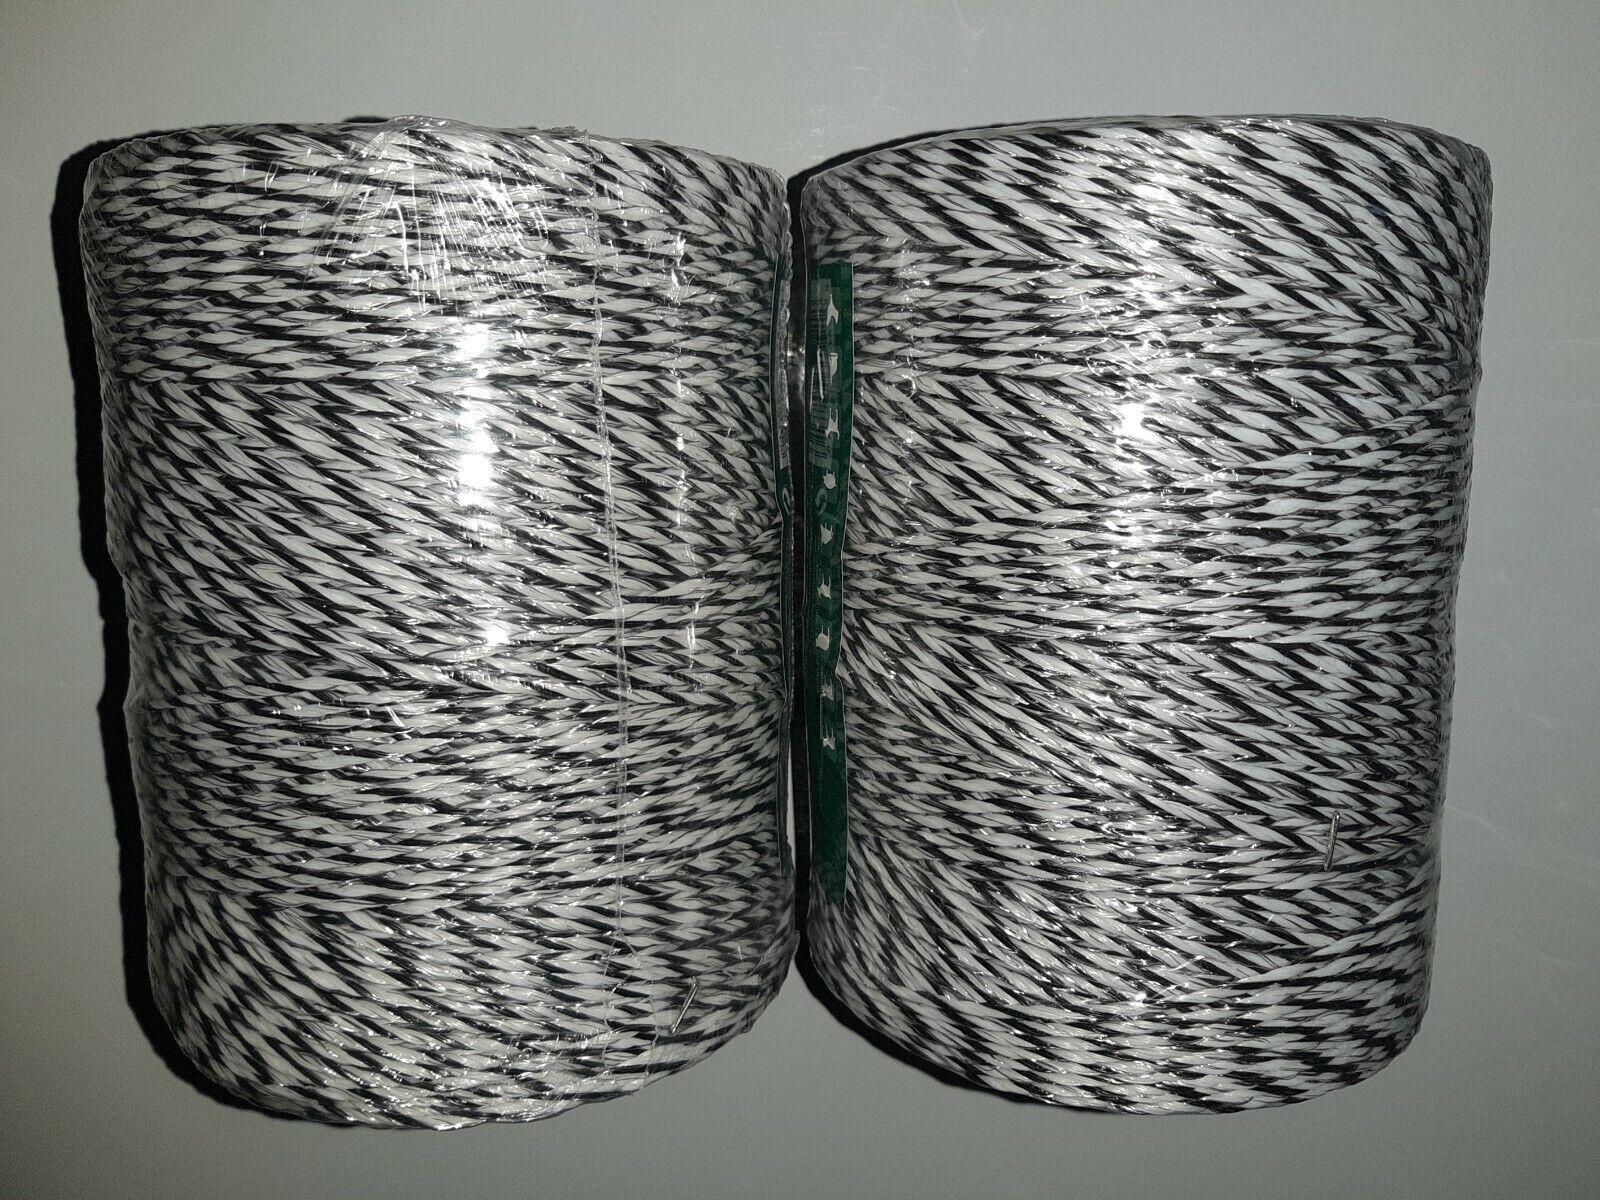 Poly de alambre 500m X 3mm 9 Strand eléctrico valla de alambre x 2 Rollos